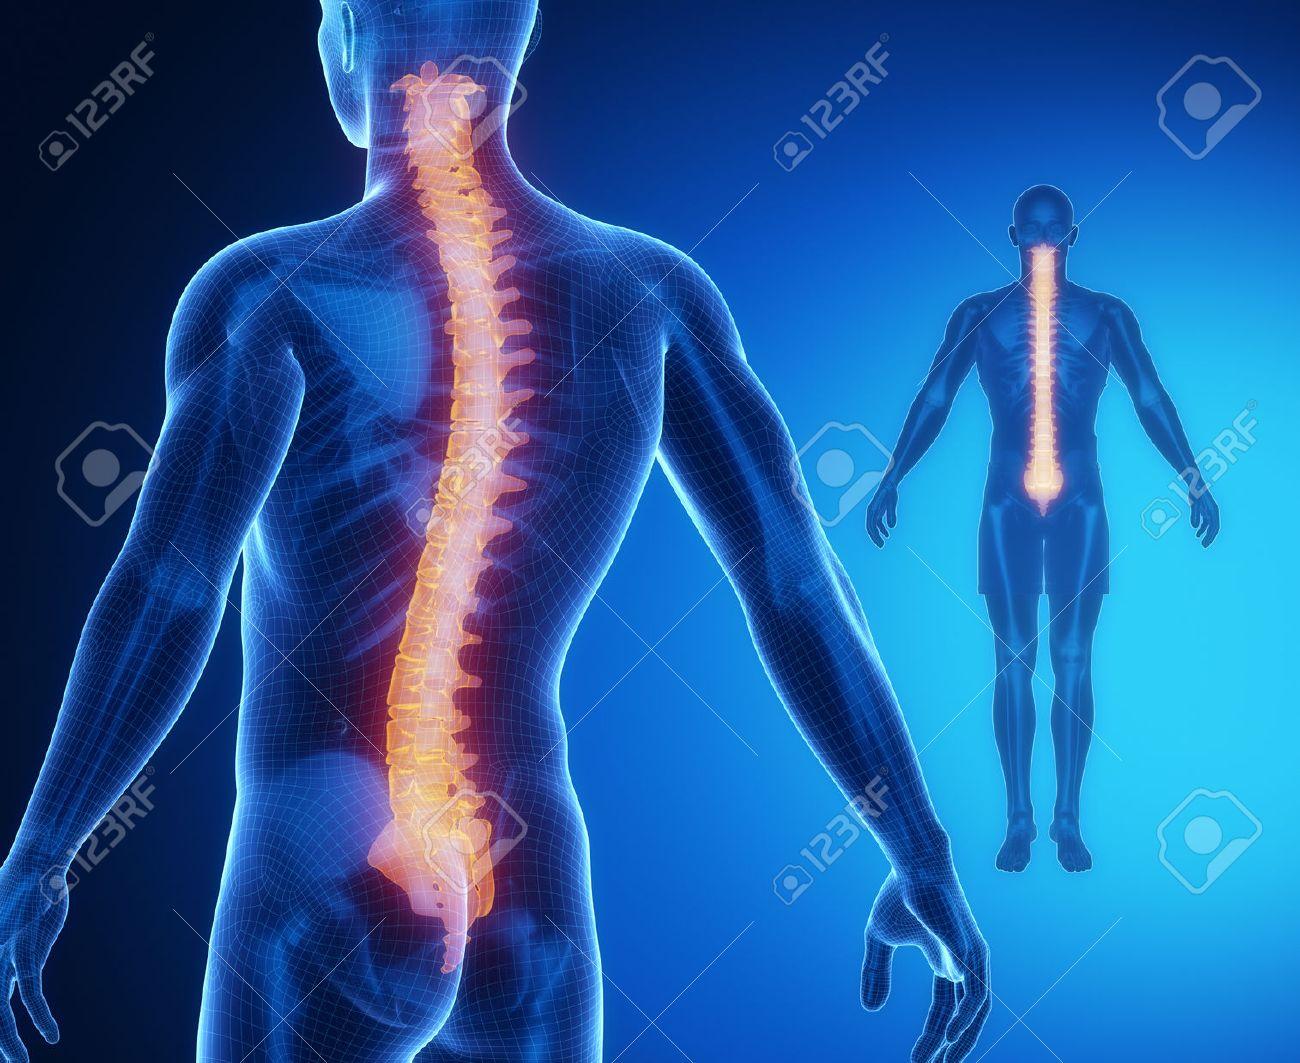 Excelente Anatomía ósea Motivo - Imágenes de Anatomía Humana ...